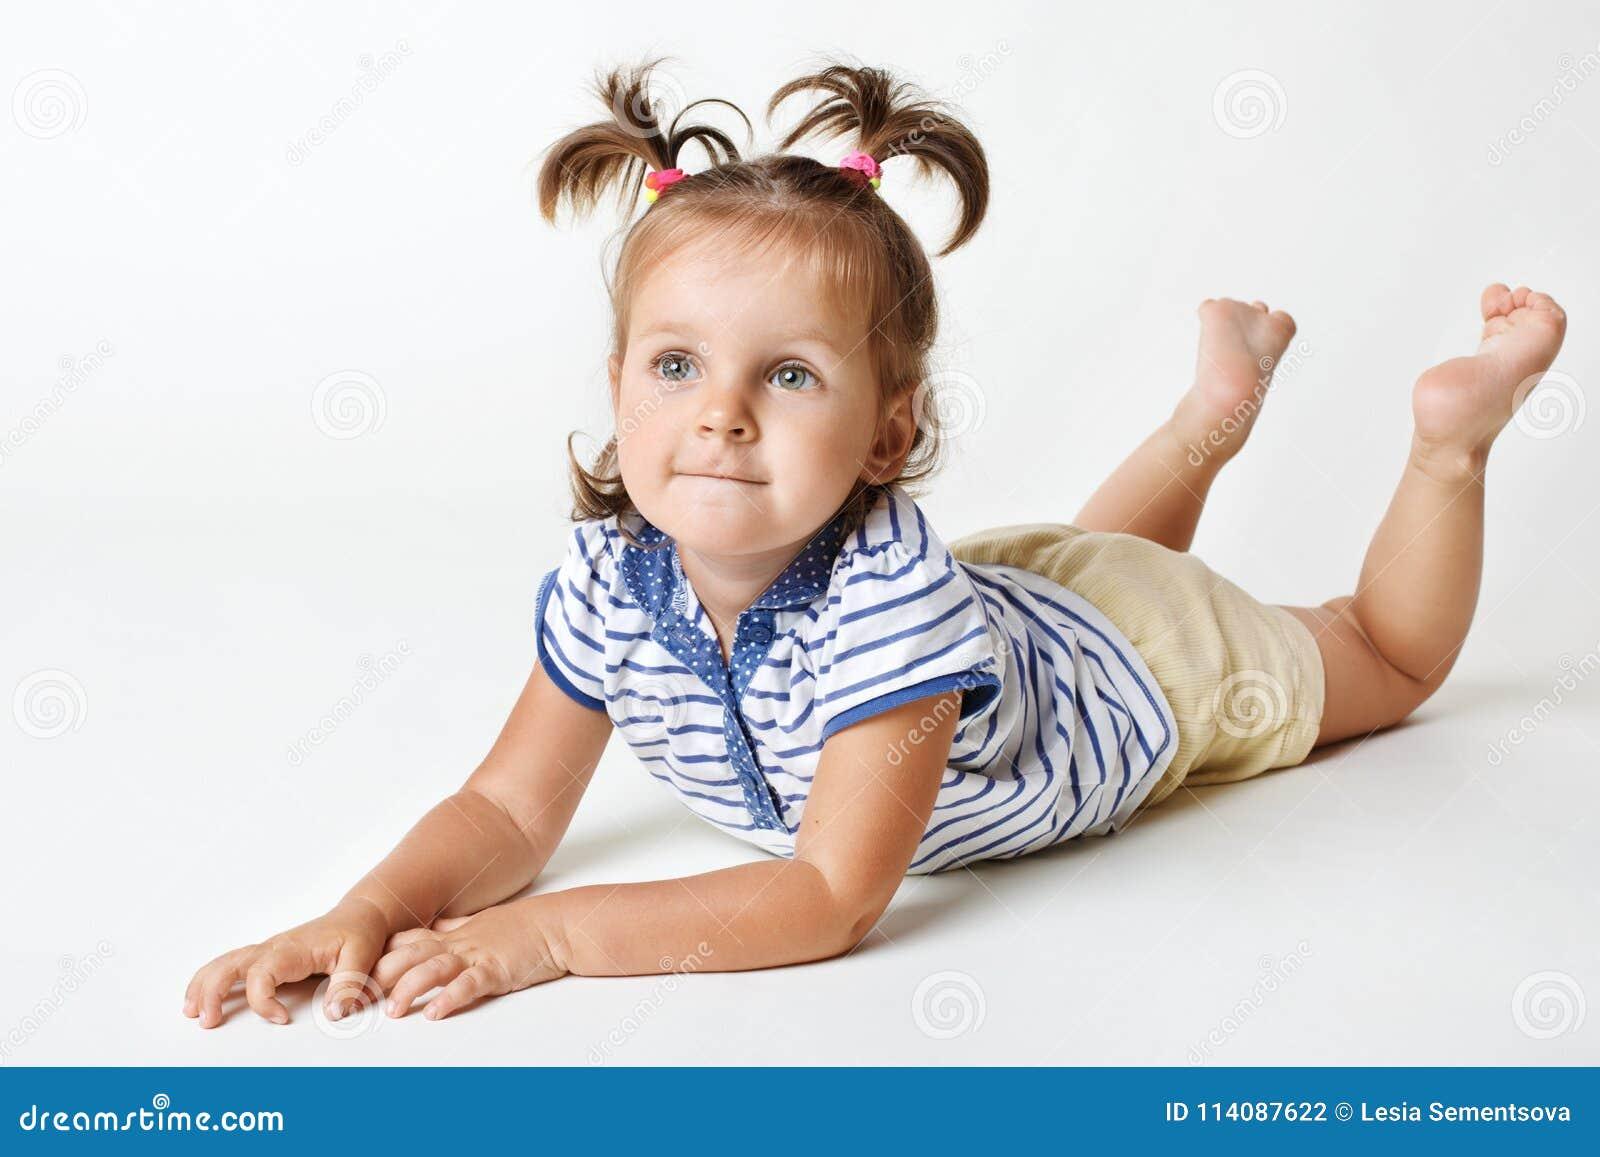 Uroczy mały żeński dzieciak z atrakcyjnym spojrzeniem, marzycielski wyrażenie, dwa śmiesznego konika ogonu, podwyżek nogi upwards